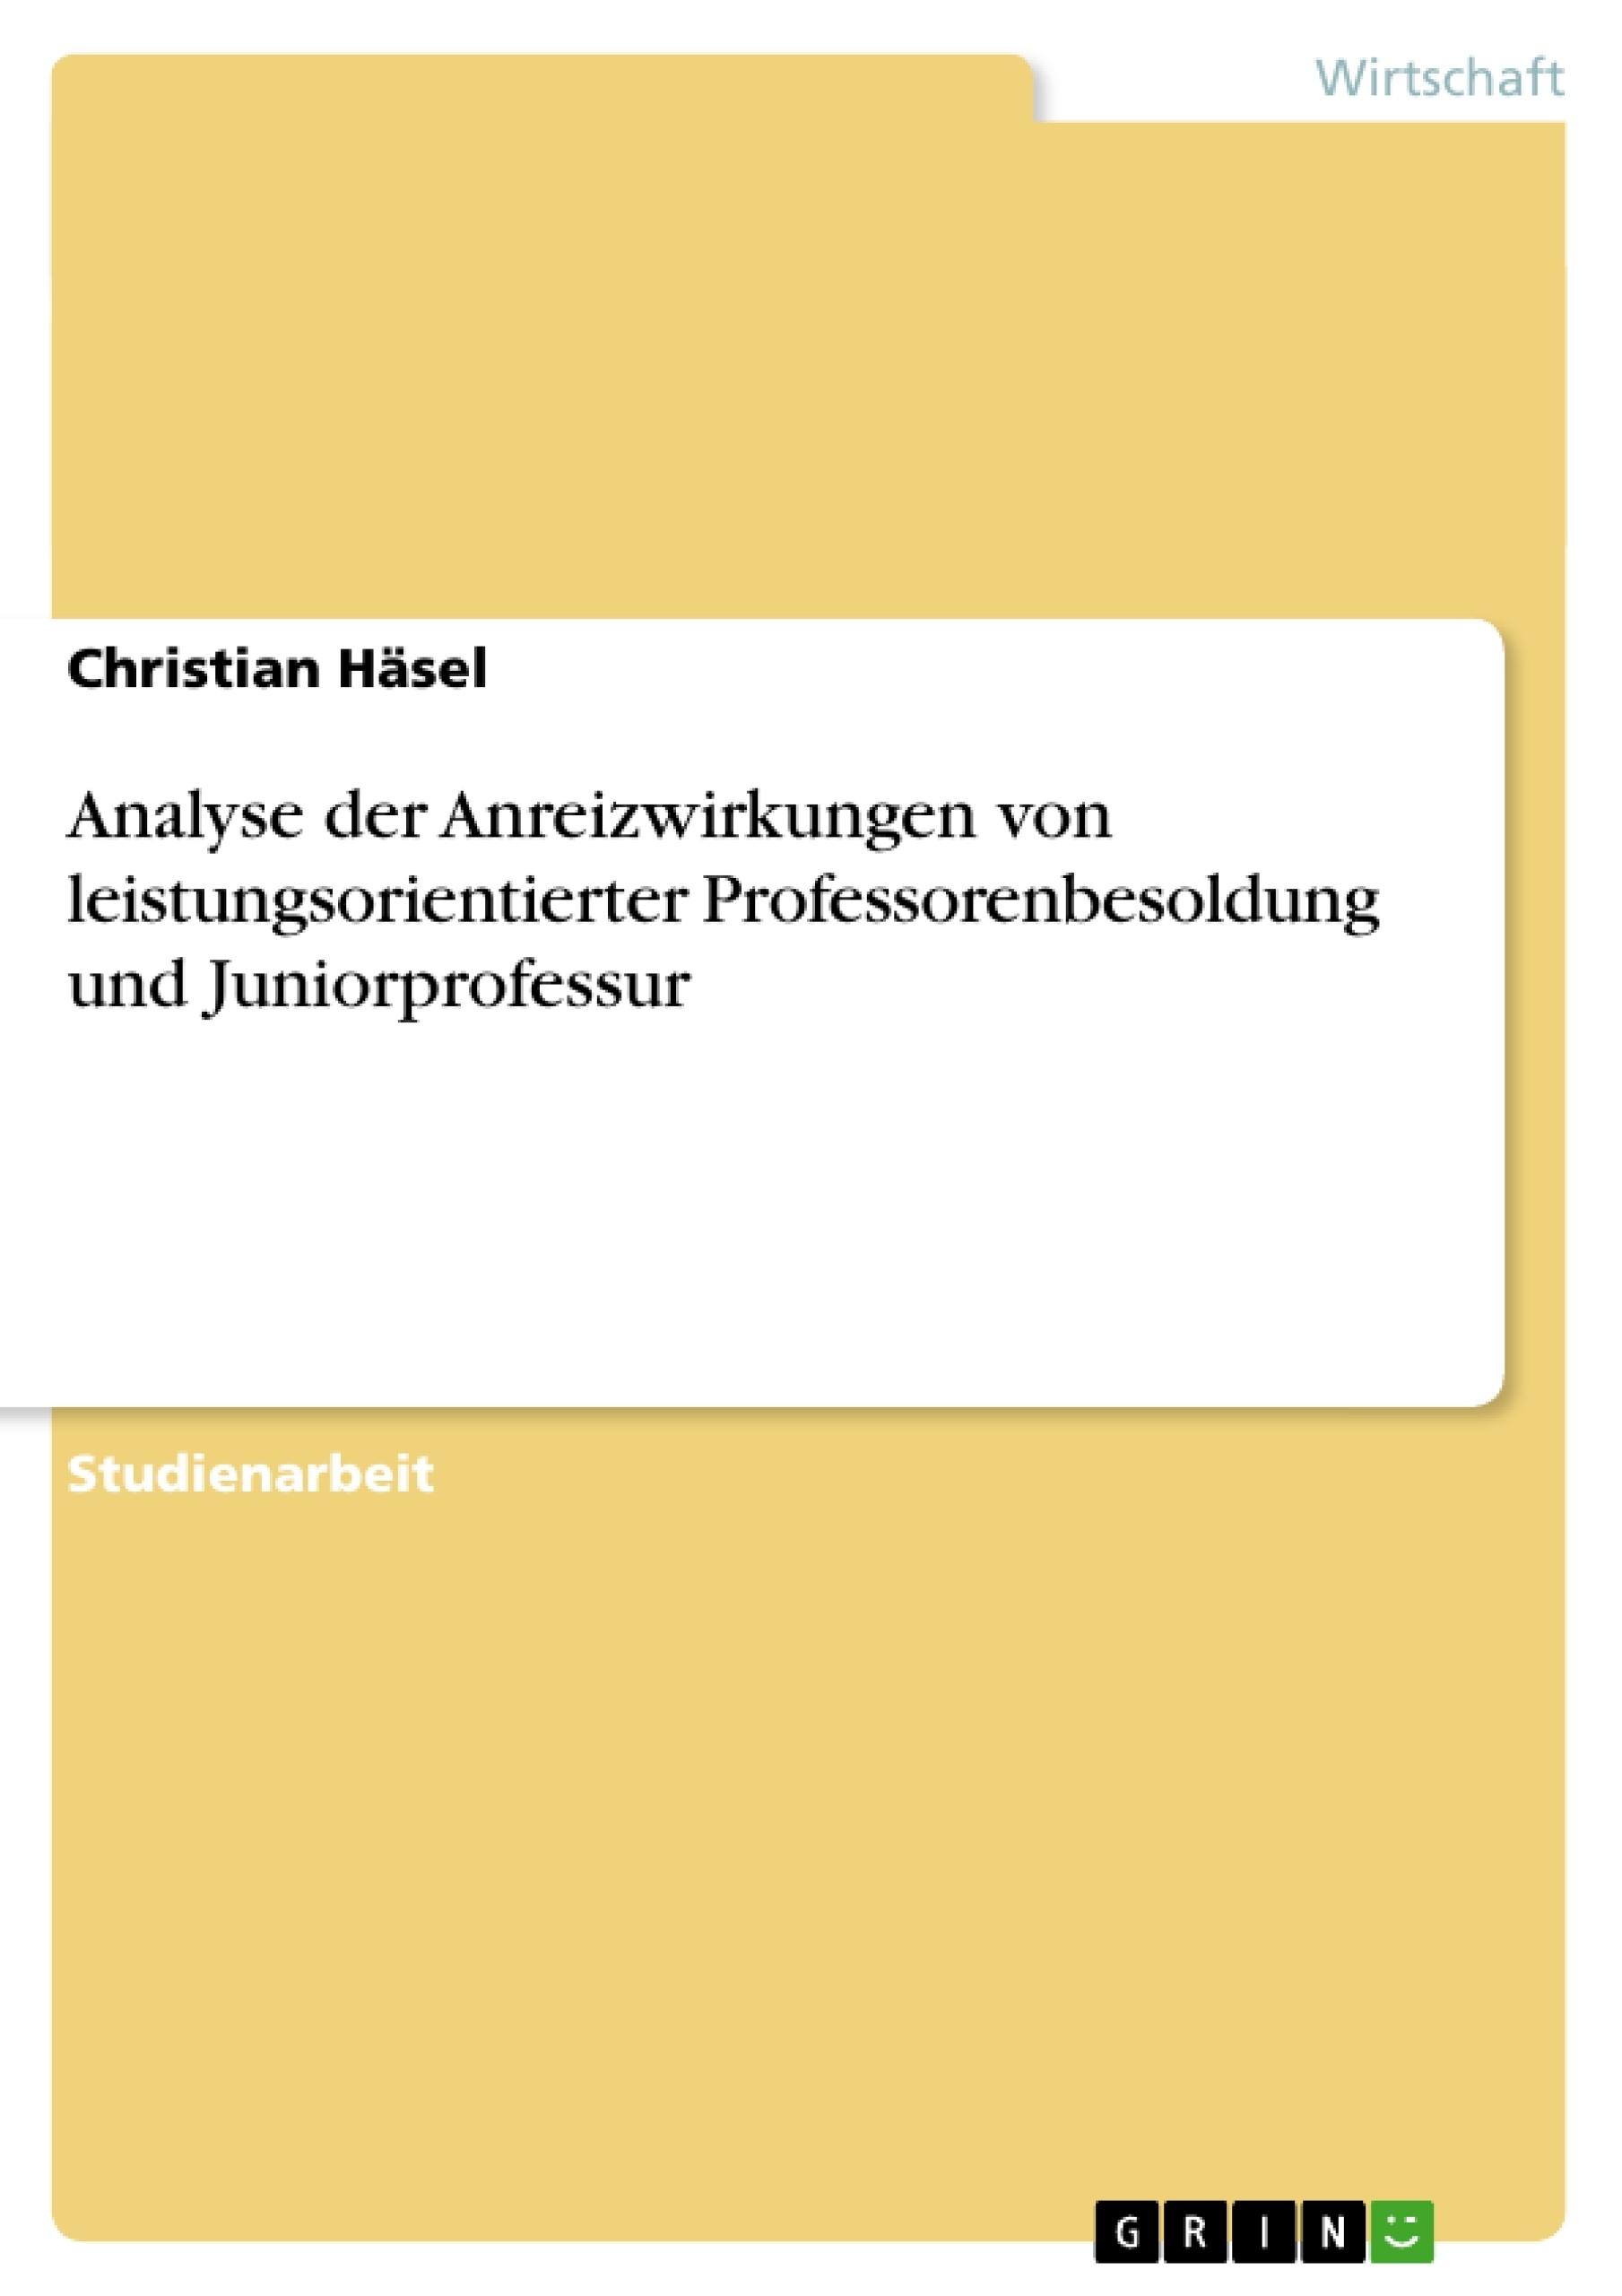 Titel: Analyse der Anreizwirkungen von leistungsorientierter Professorenbesoldung und Juniorprofessur